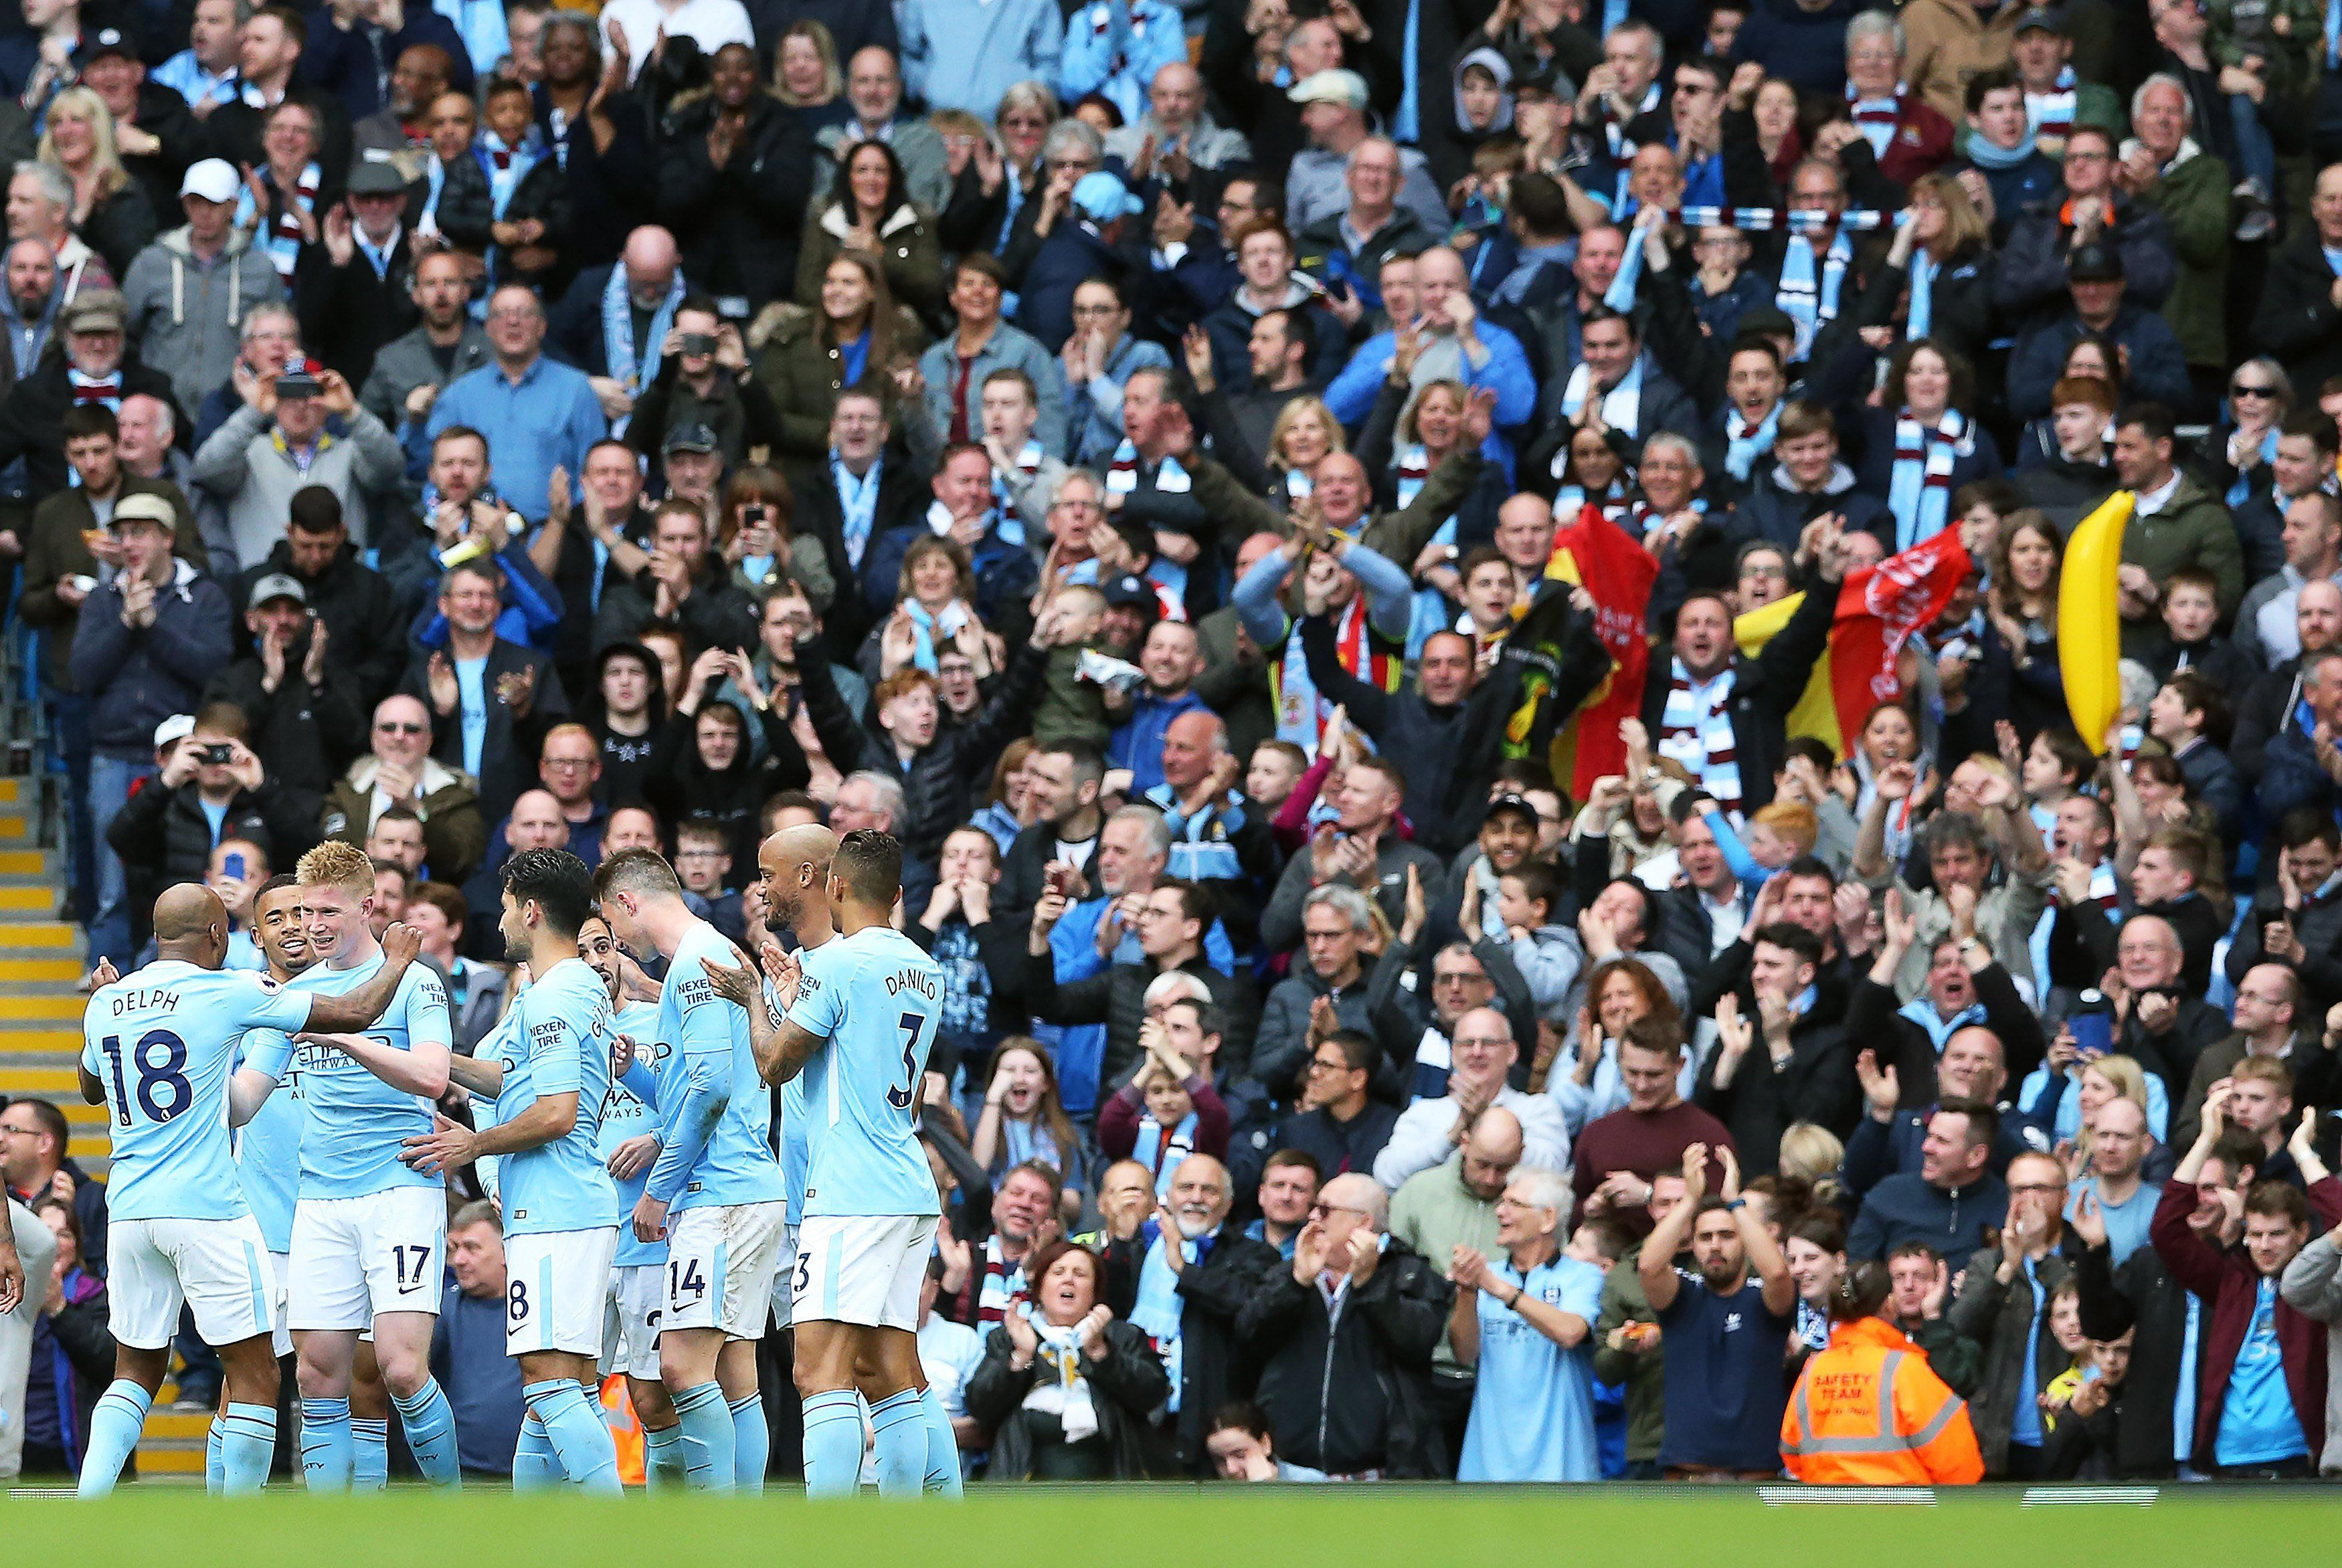 El City goleó este domingo. Foto: EFE